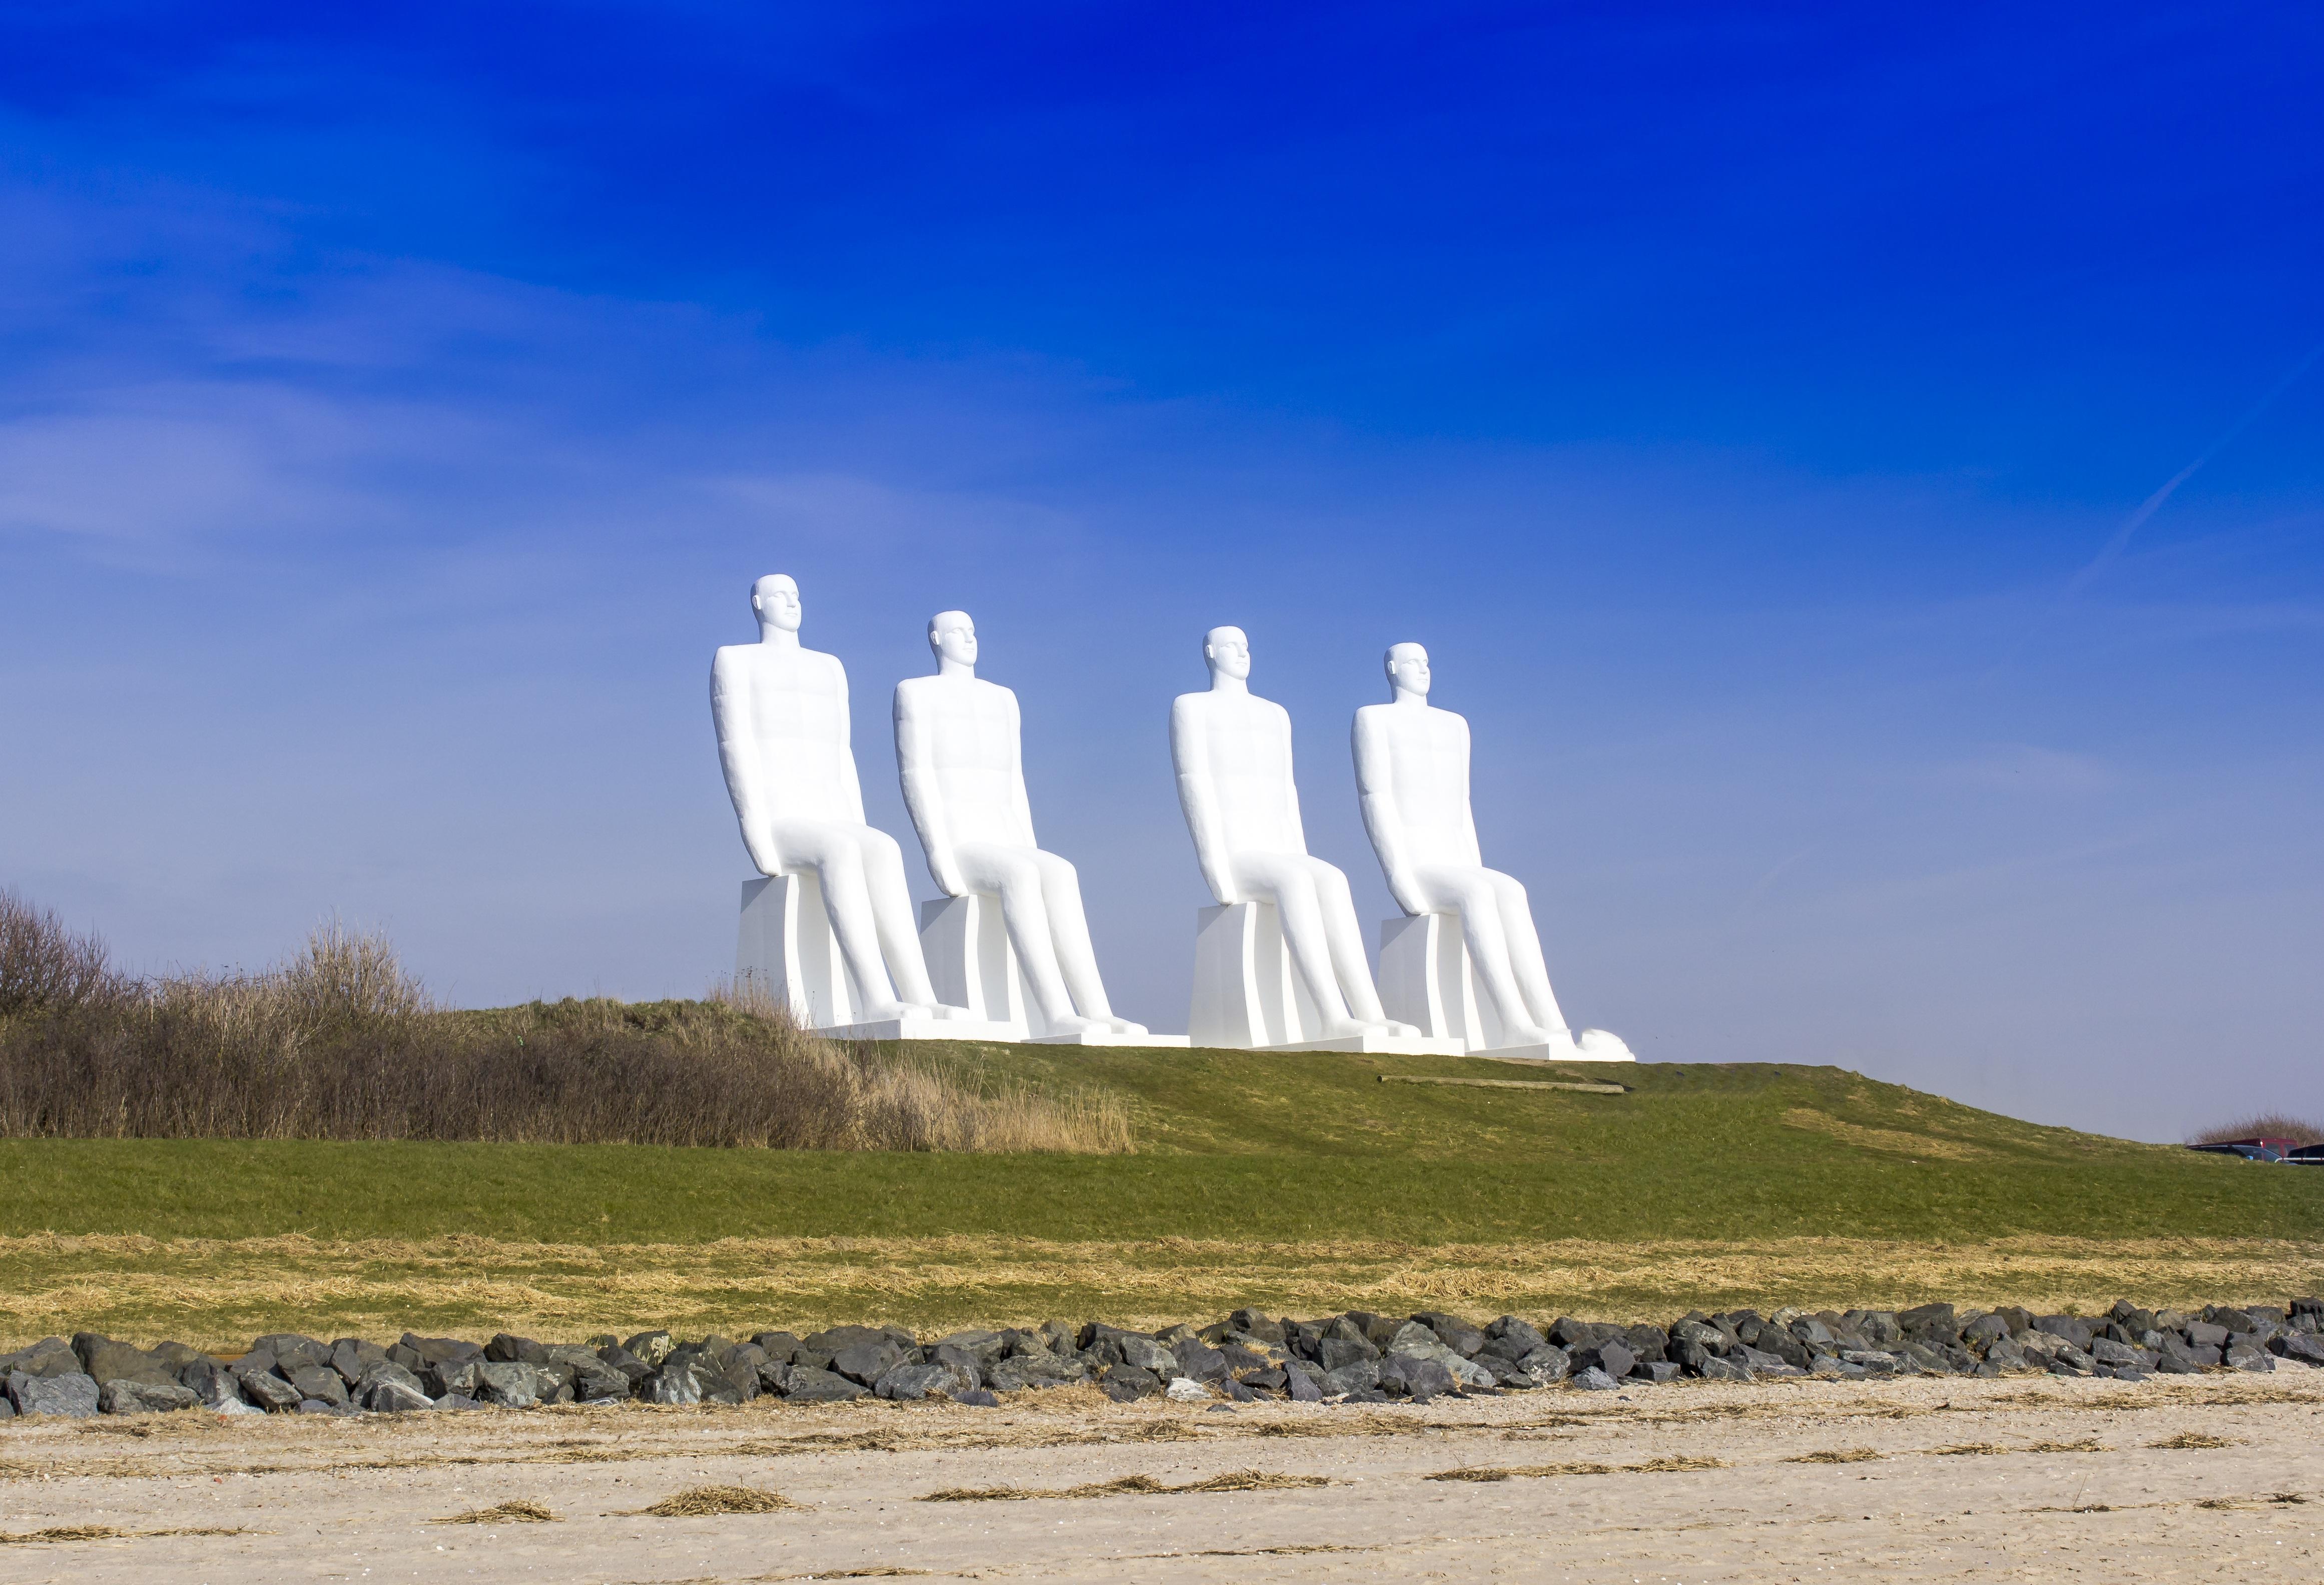 Bildet : landskap, hav, kyst, horisont, hvit, vind, monument, tårn, landemerke, skulptur ...